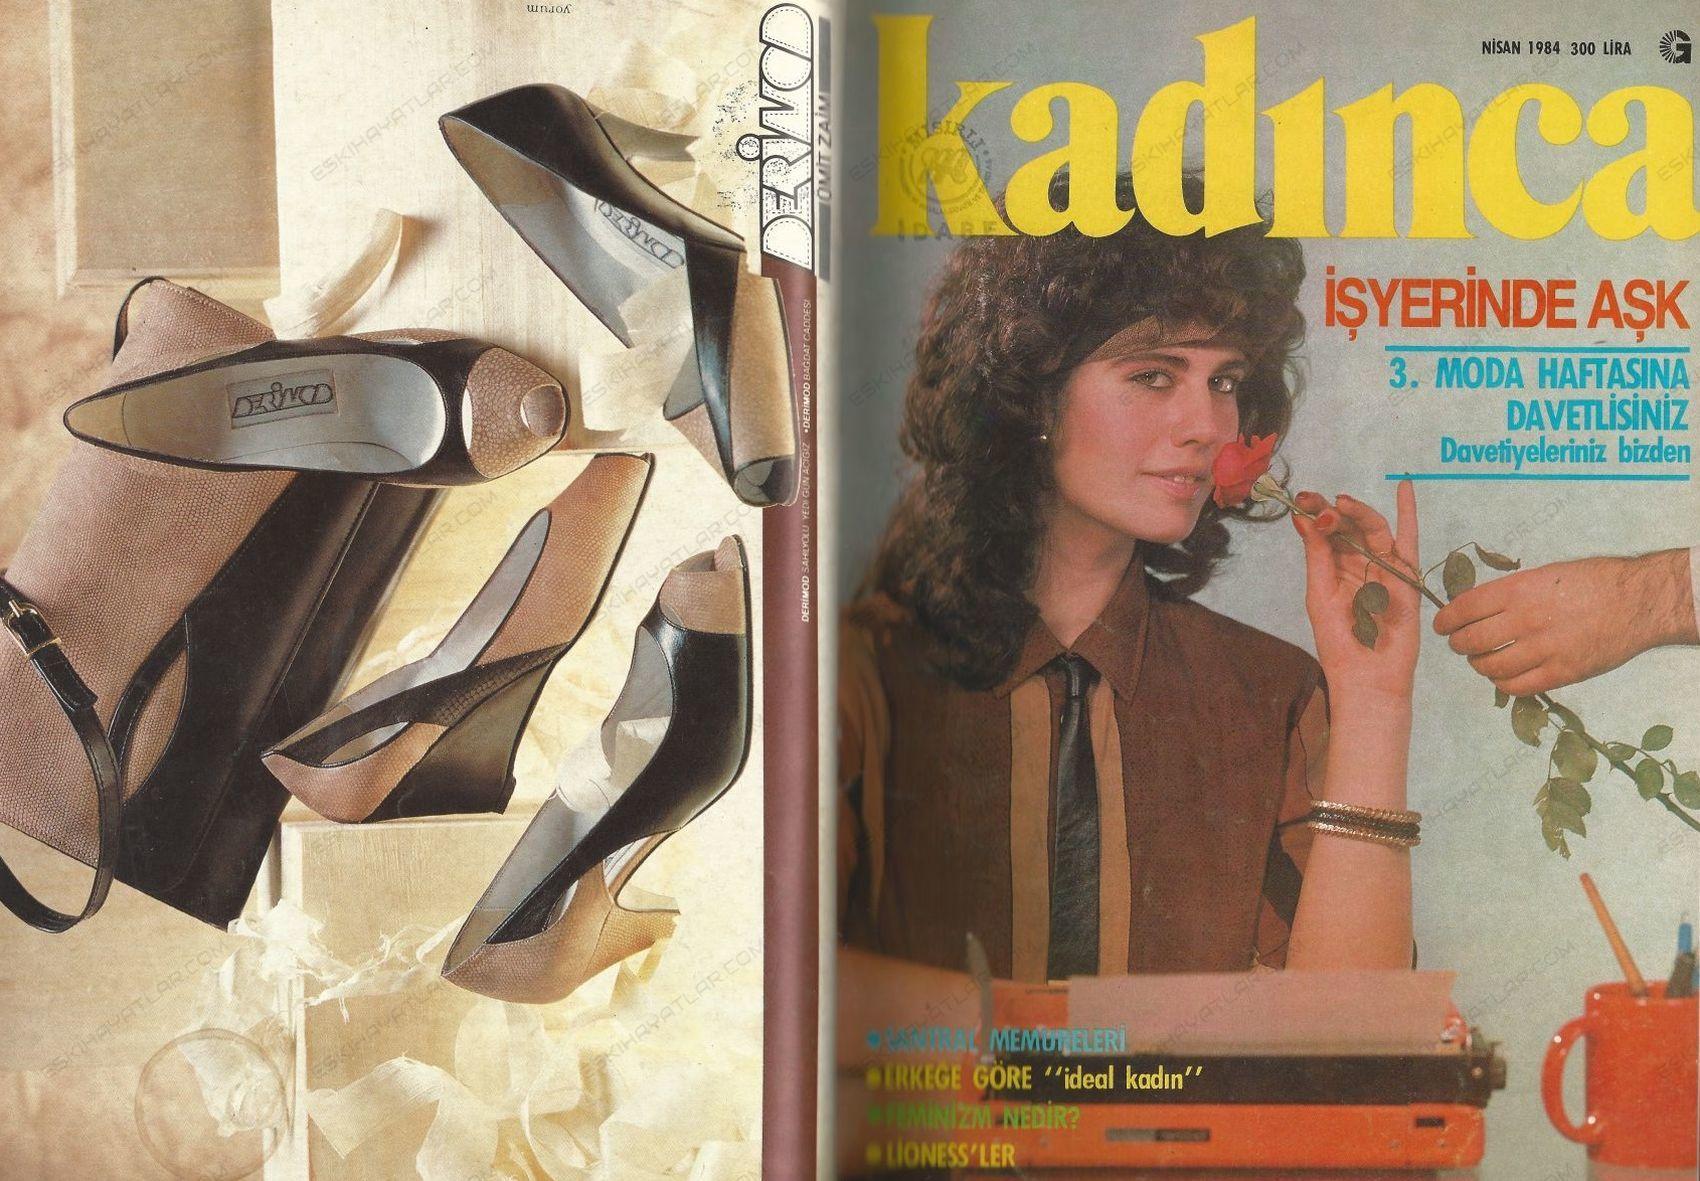 0388-bulut-aras-turk-sinemasinin-en-iyigi-fizigi-benim-1984-kadinca-dergisi (5)